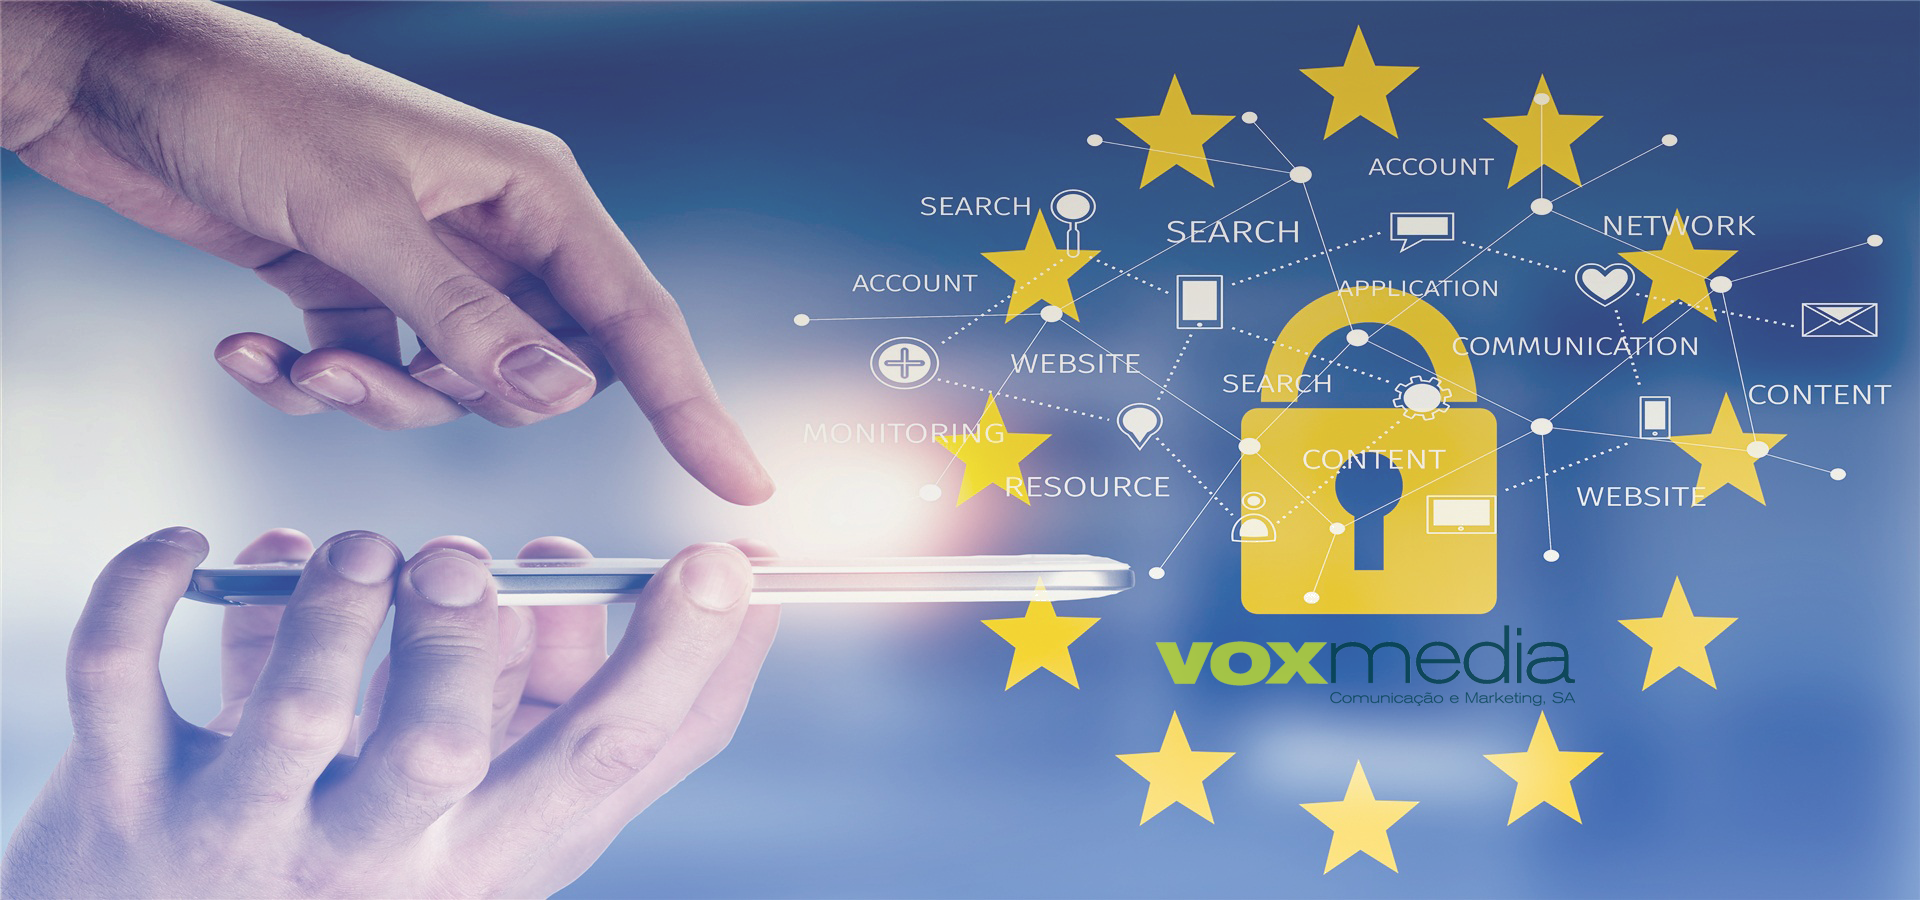 b2f1ee36f O Regulamento Geral sobre a Proteção de Dados (RGPD). Saiba o que vai mudar.